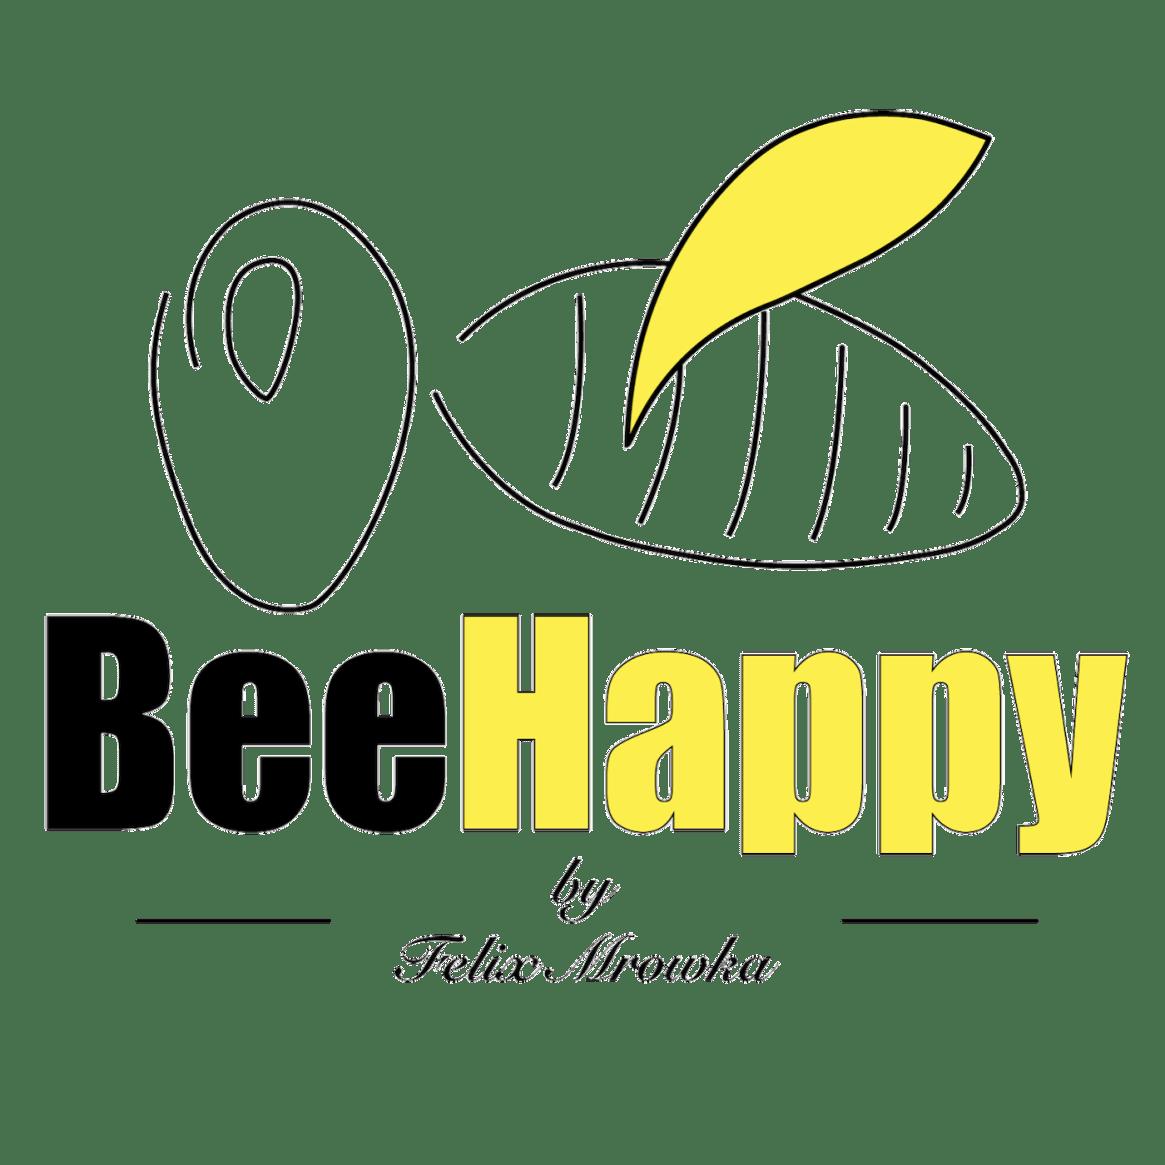 BeeHappy by Felix - Logo schwarz freigestellt